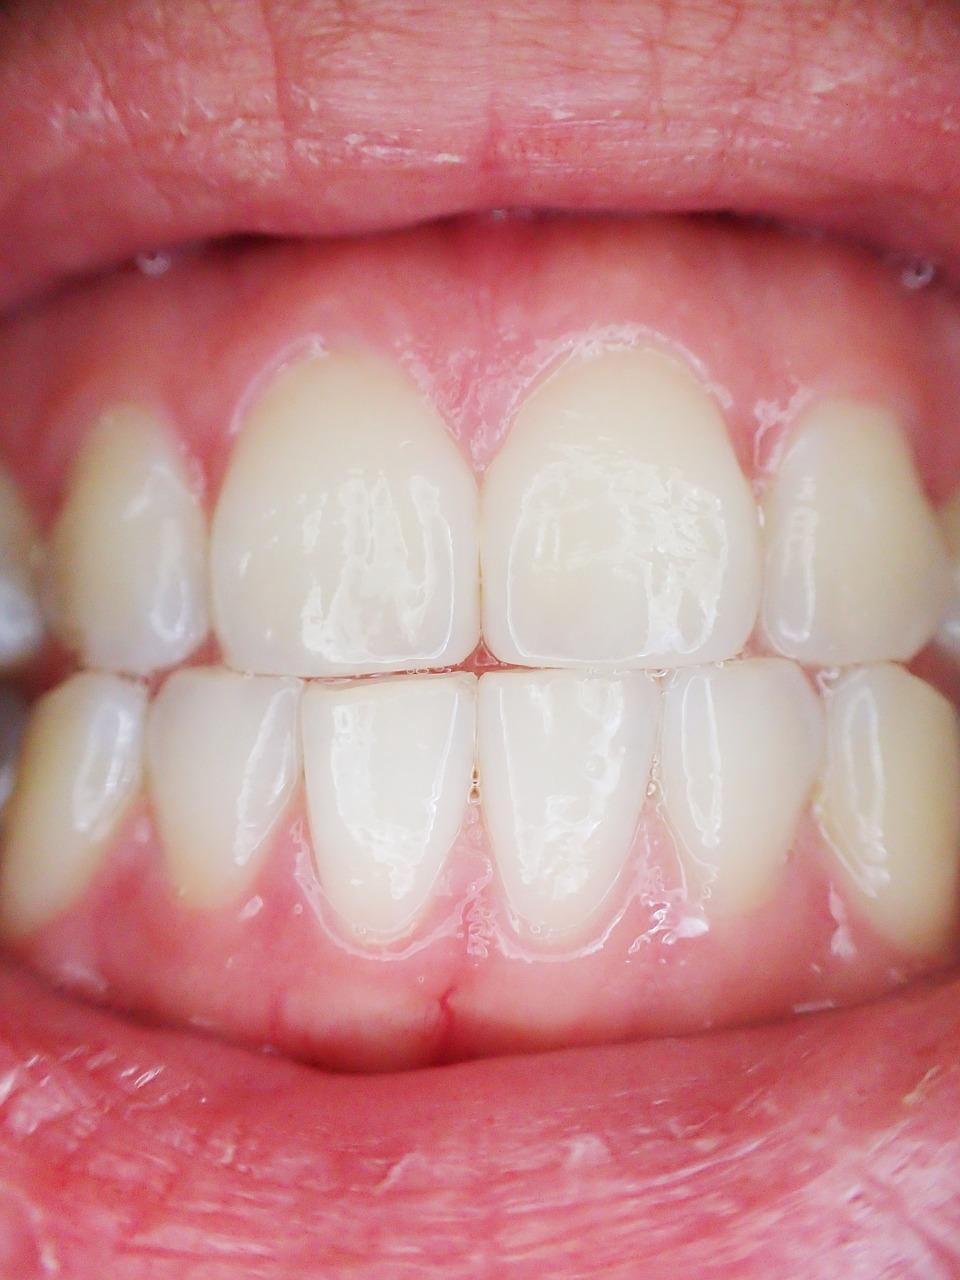 zdrowe zęby, dentysta, stomatolog